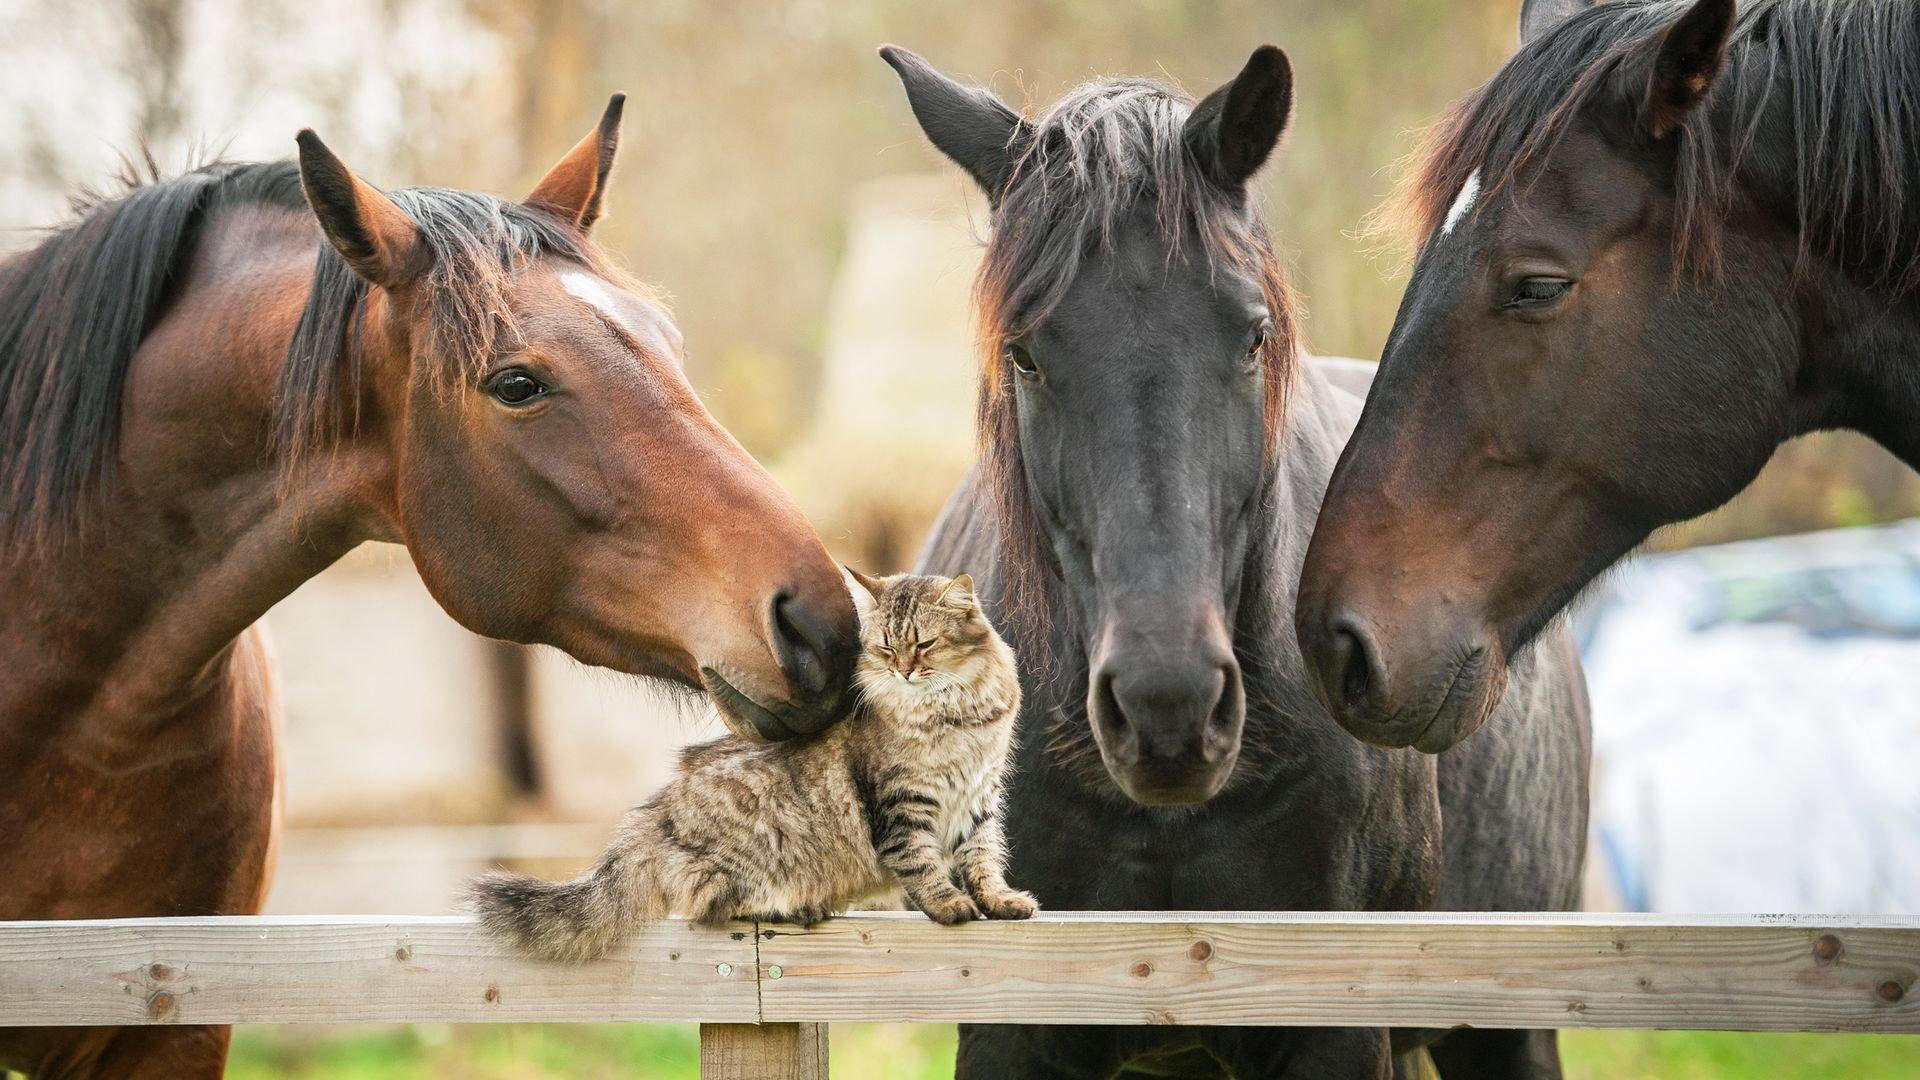 Лошади общаются друг с другом движениями ушей